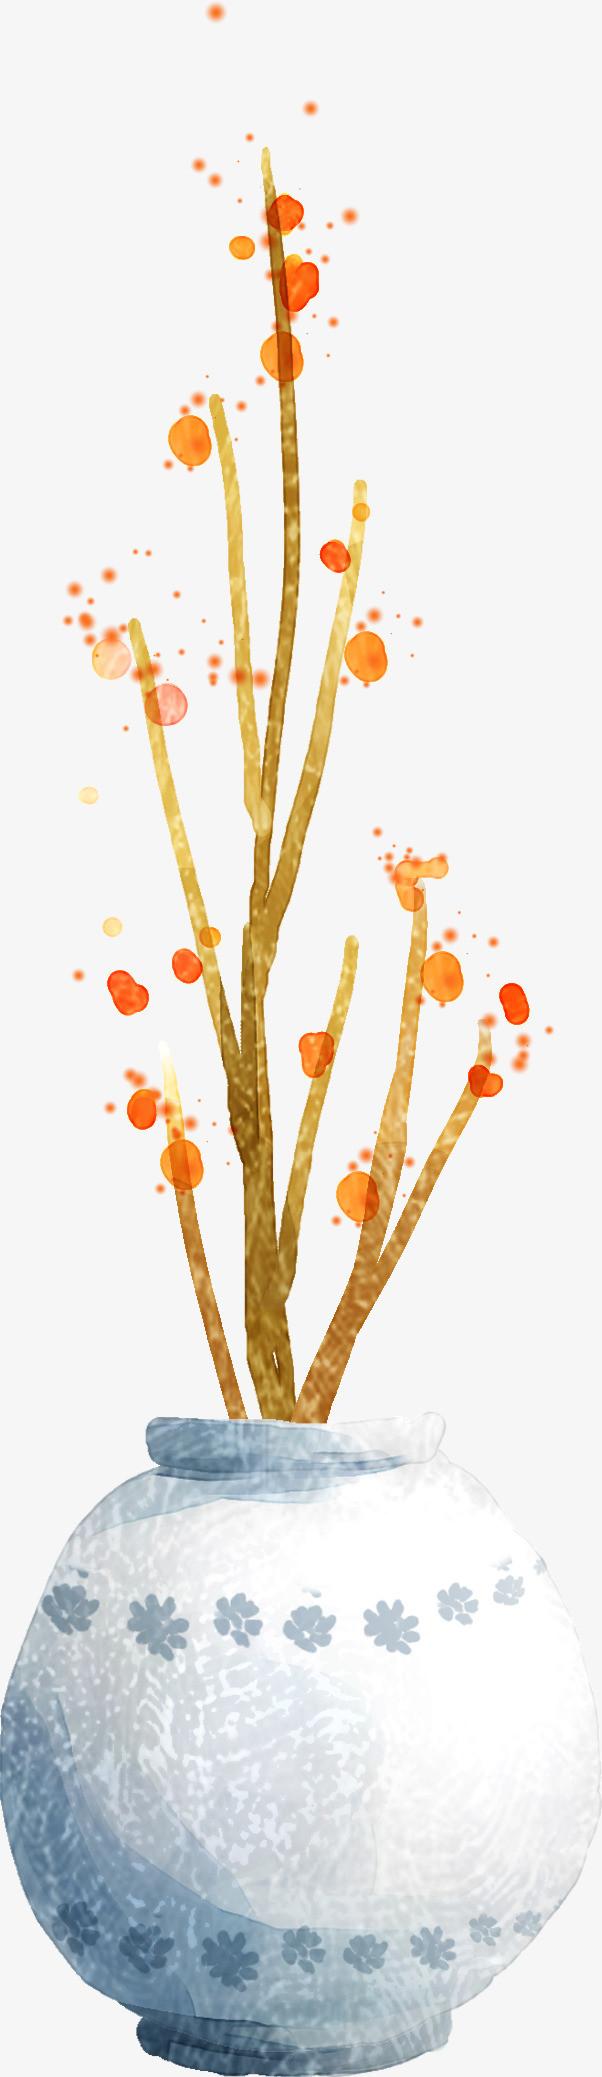 手绘唯美树枝创意